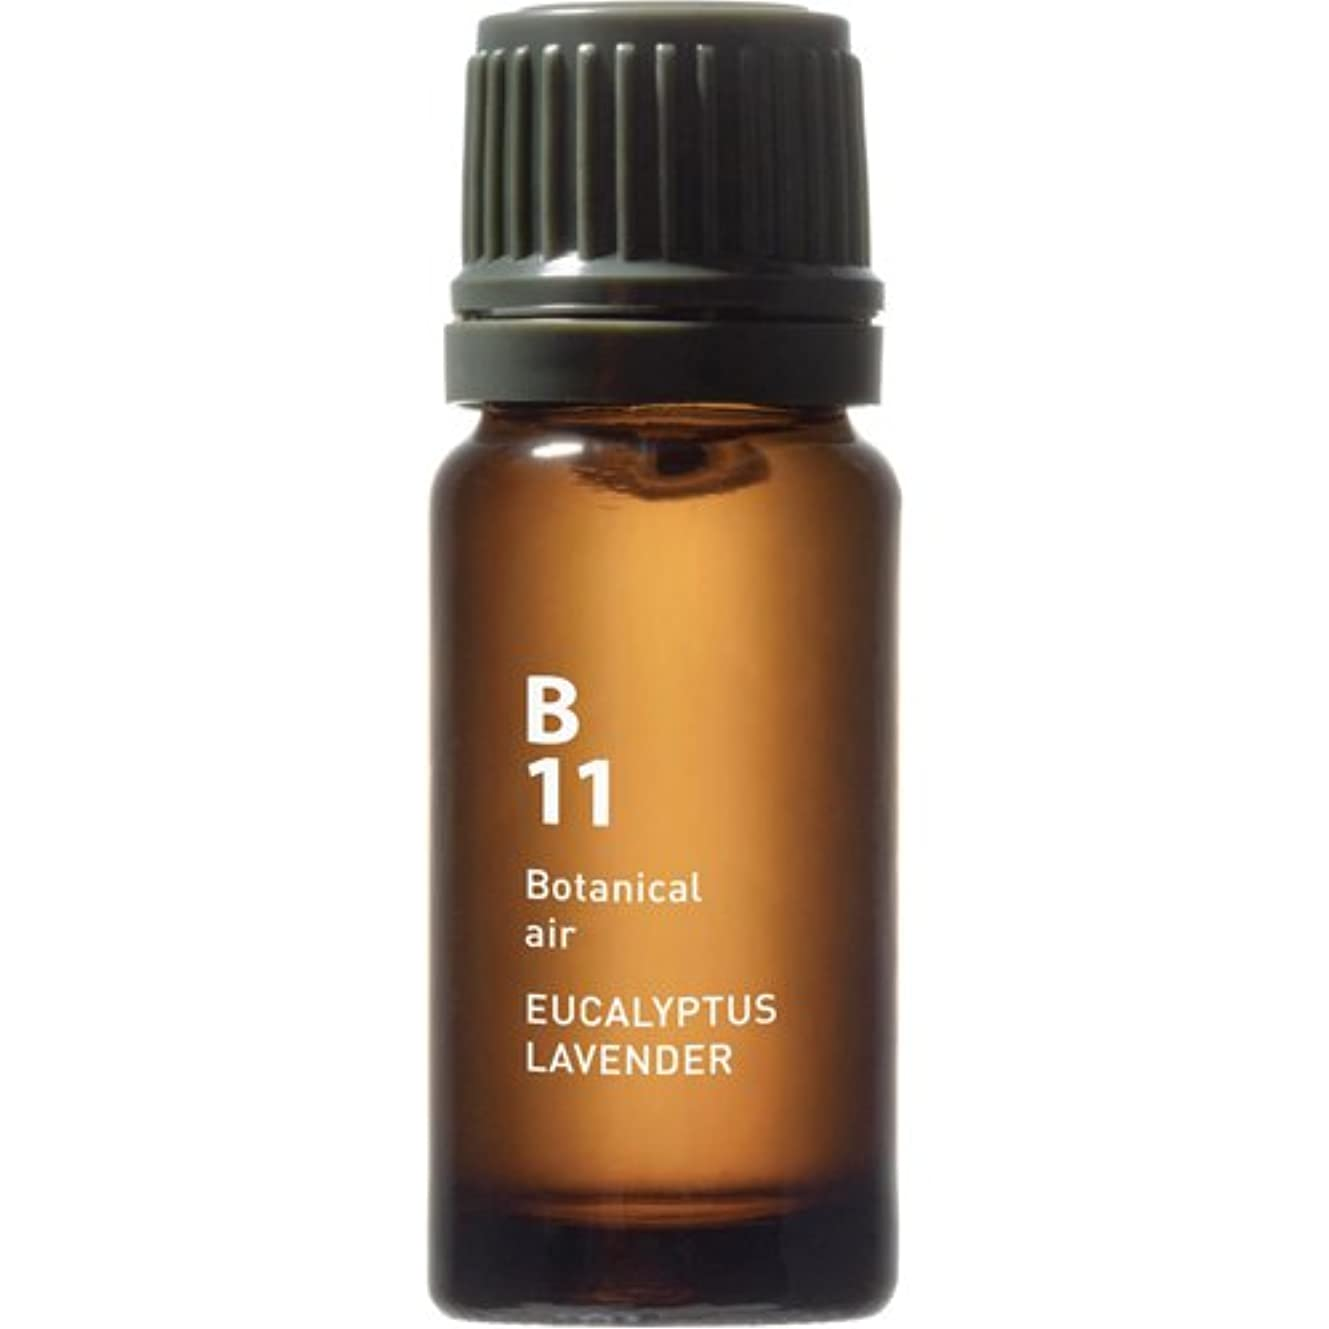 急行するインストール限定B11 ユーカリラベンダー Botanical air(ボタニカルエアー) 10ml